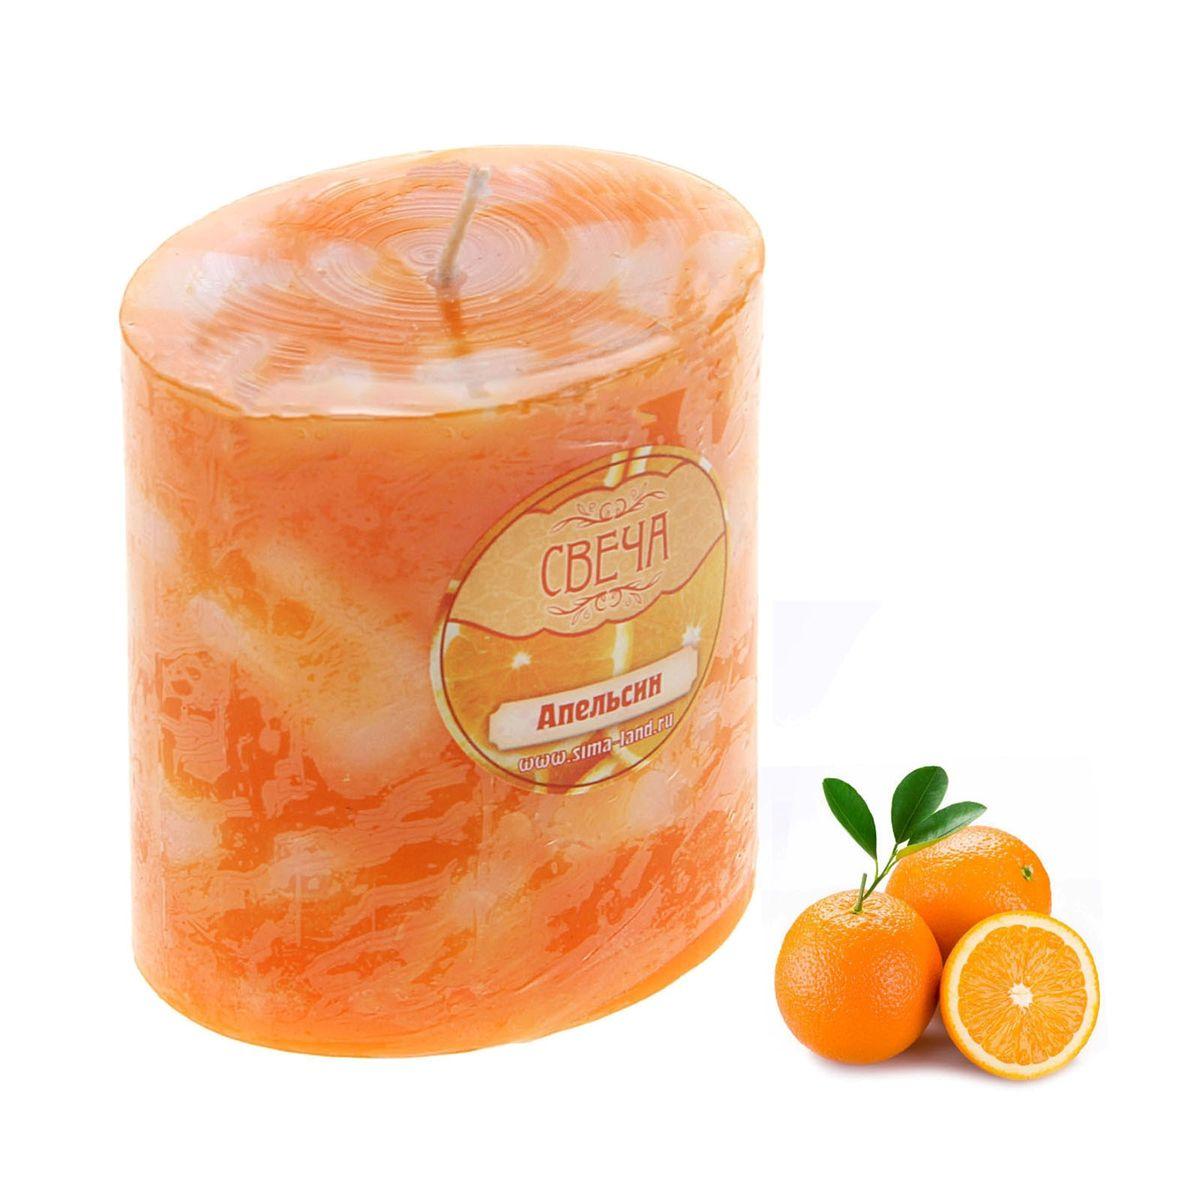 Свеча ароматизированная Sima-land Слияние, с ароматом апельсина, цвет: оранжевый, белый, высота 7 см свеча ароматизированная sima land лимон на подставке высота 6 см